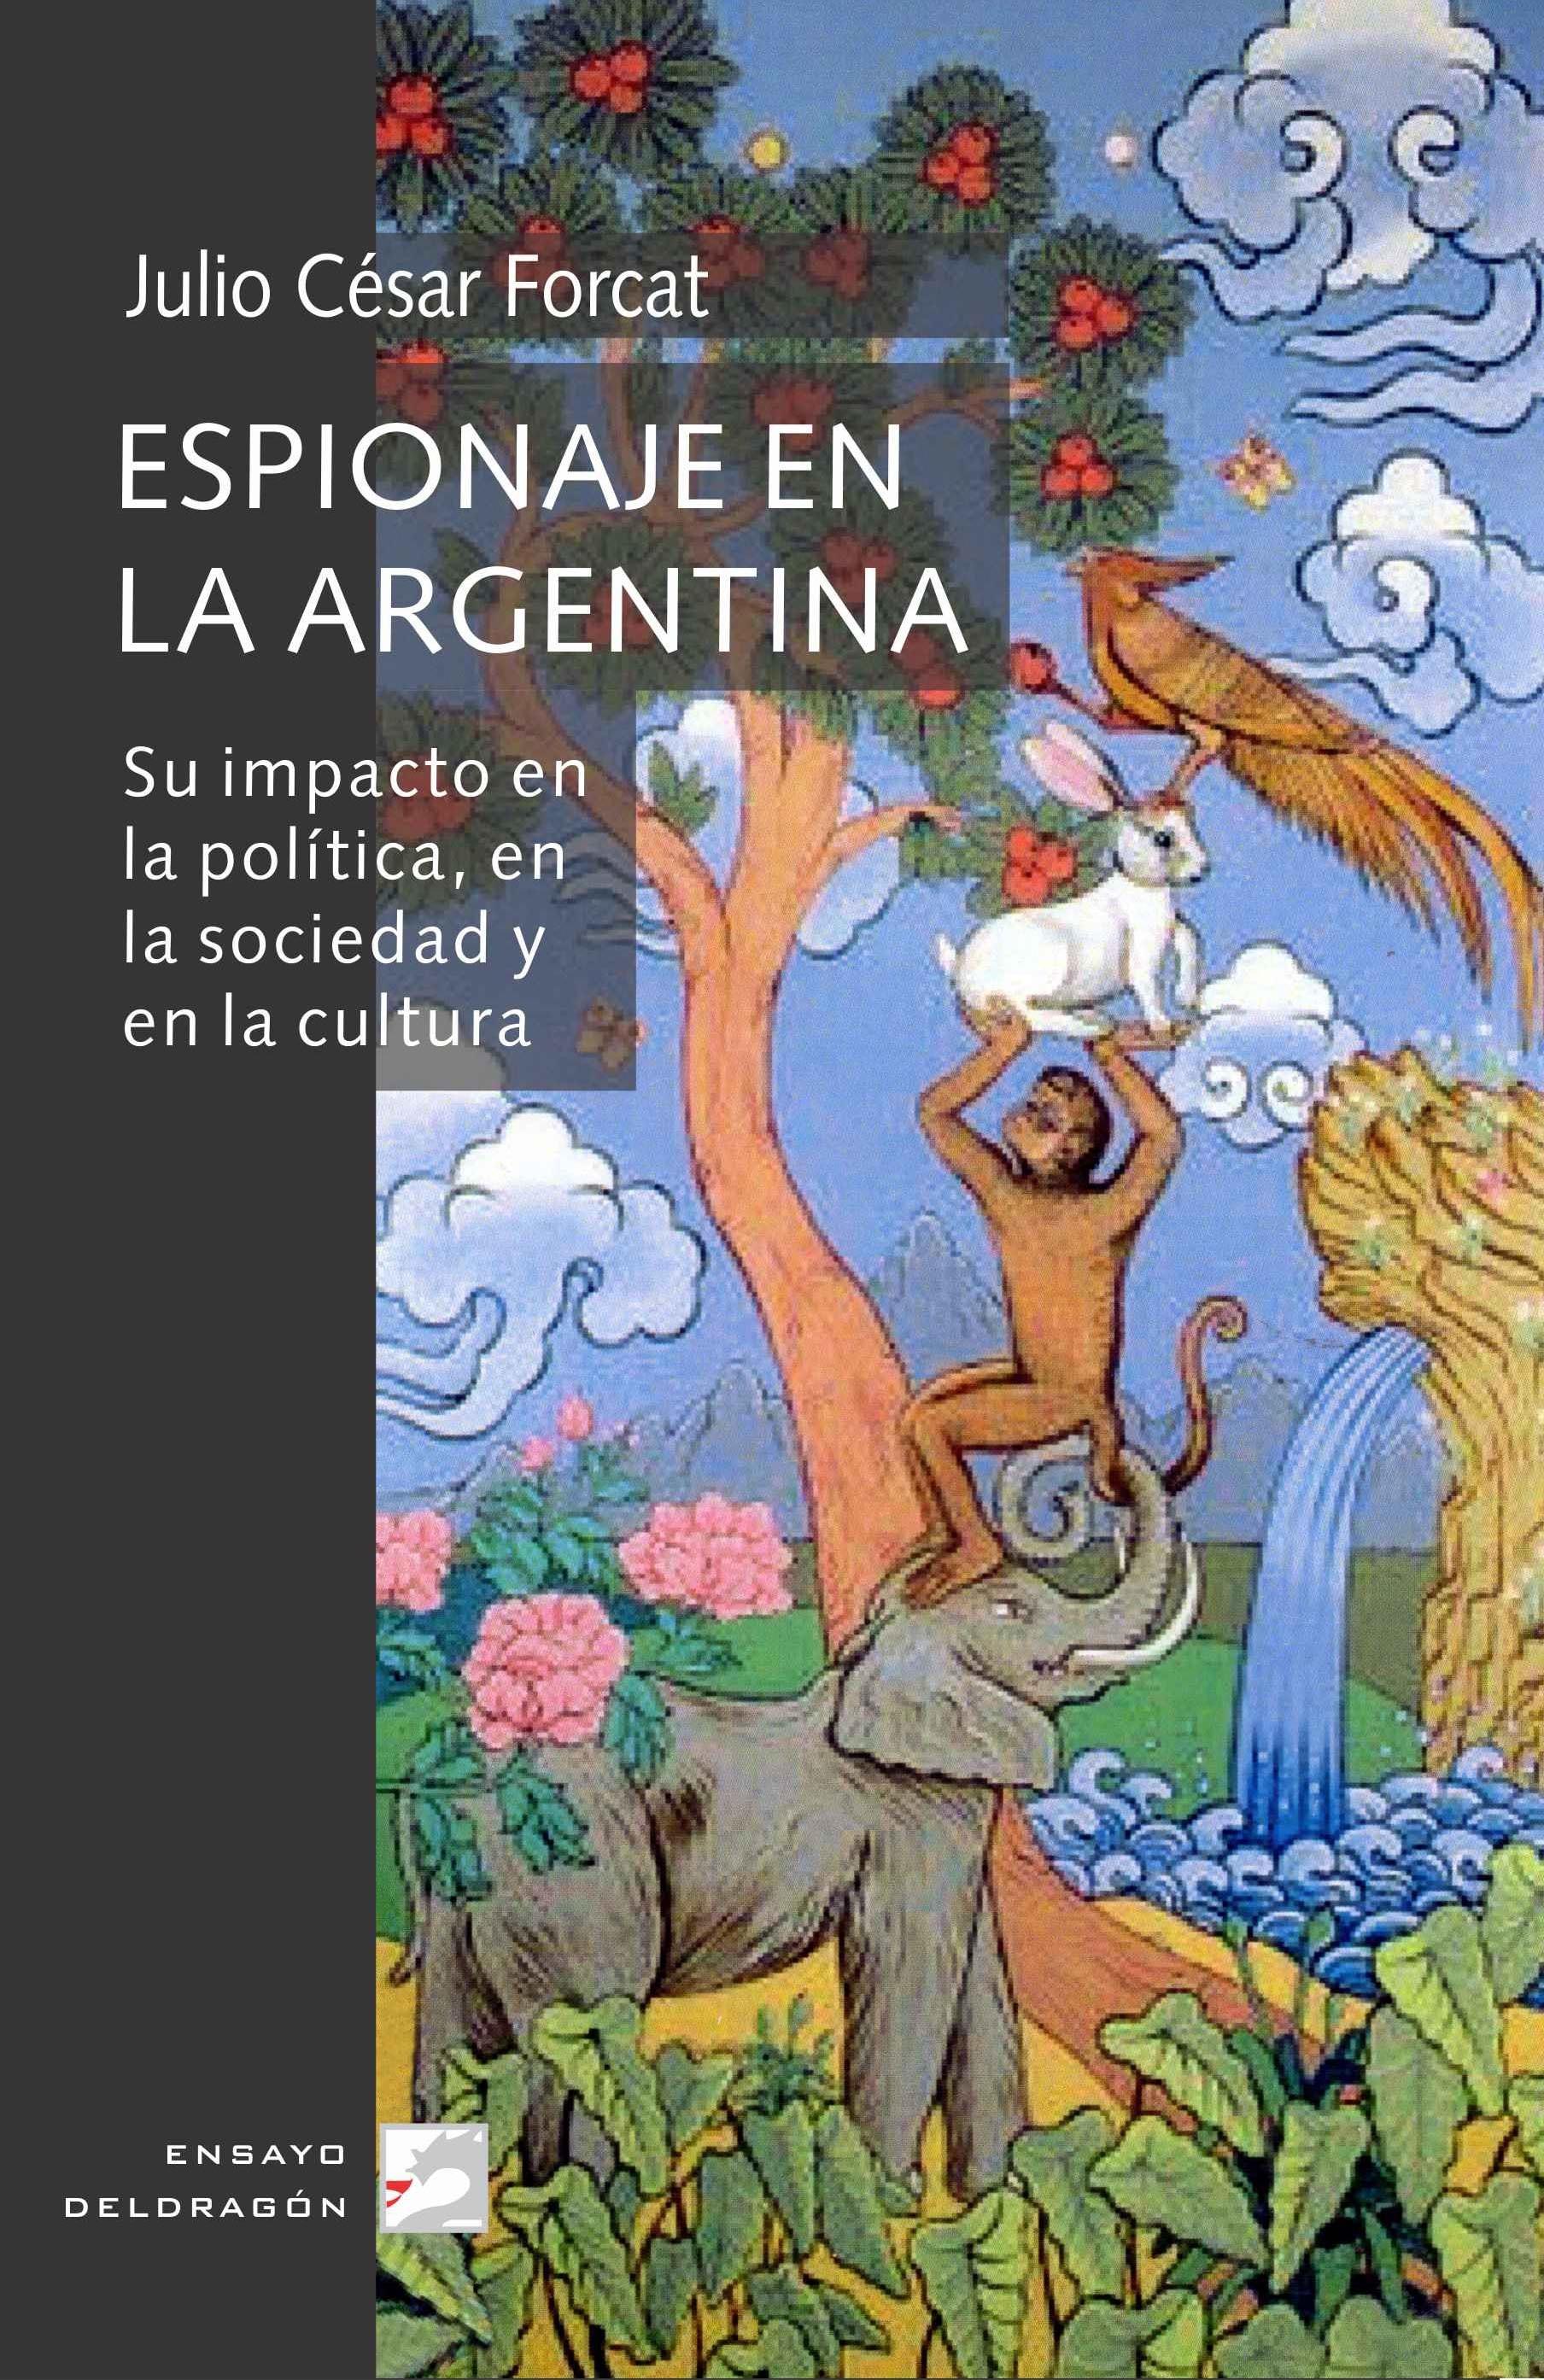 Espionaje en Argentina  by  Julio Cesar Forcat